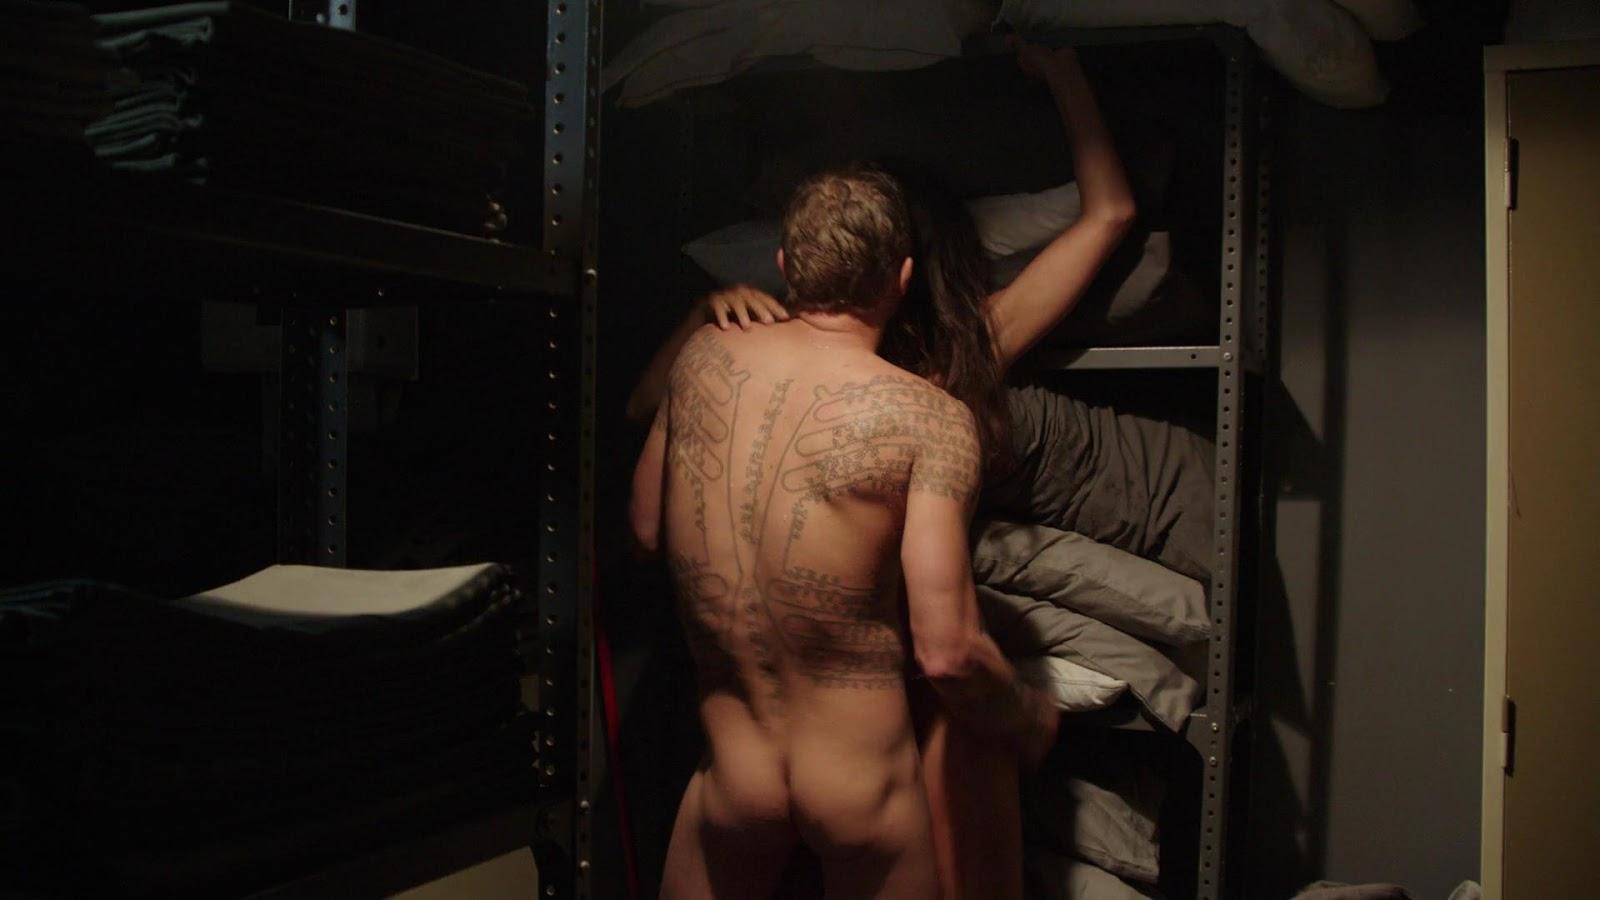 Chris braun nackt facebook nackt pic